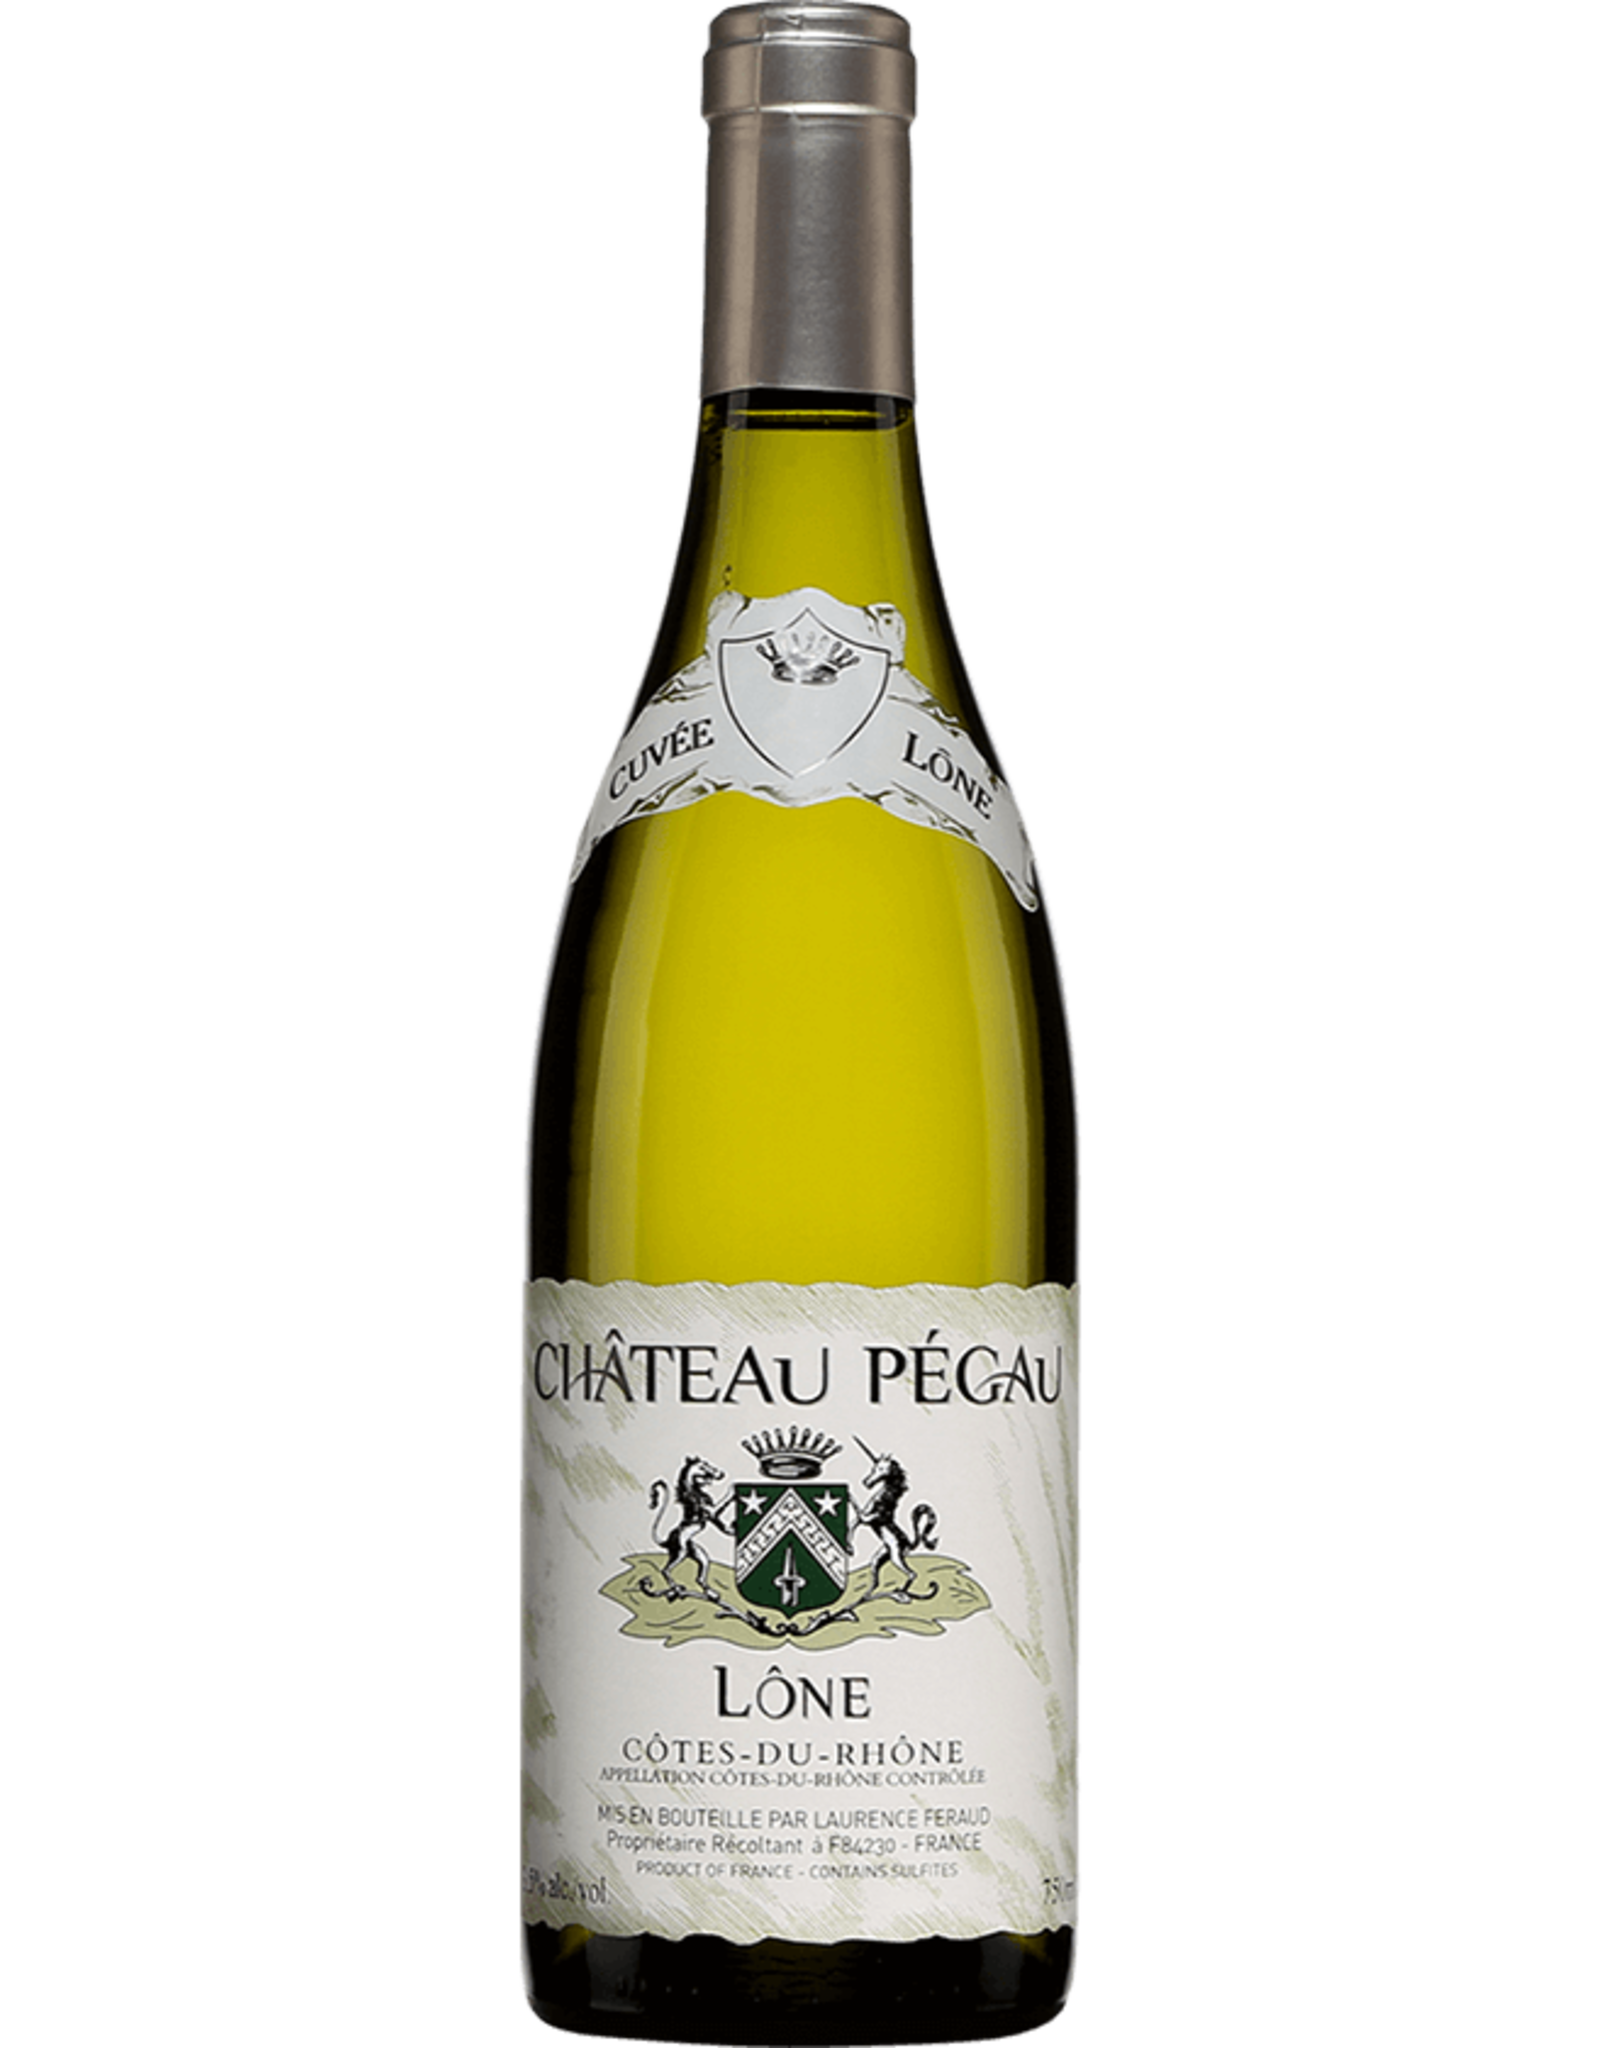 Chateau Pegau Cotes du Rhone Blanc Lone